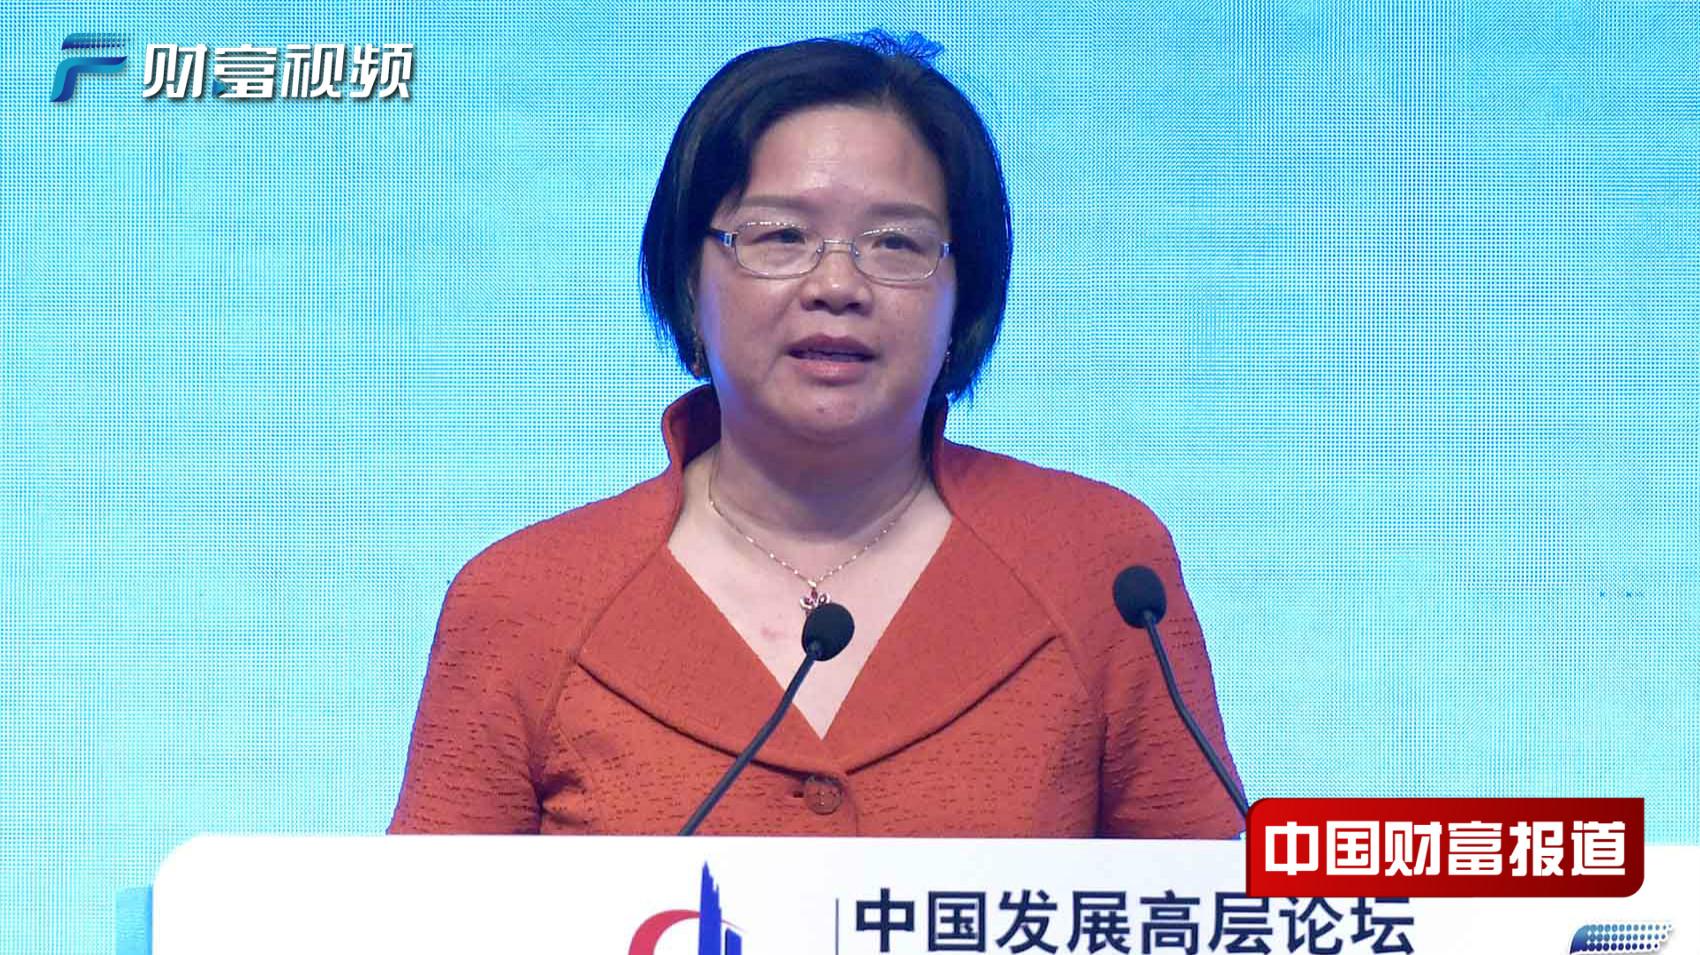 【中国财富报道】董洁林:各国科学家既是科技方案的提供者 也是重要的外交力量